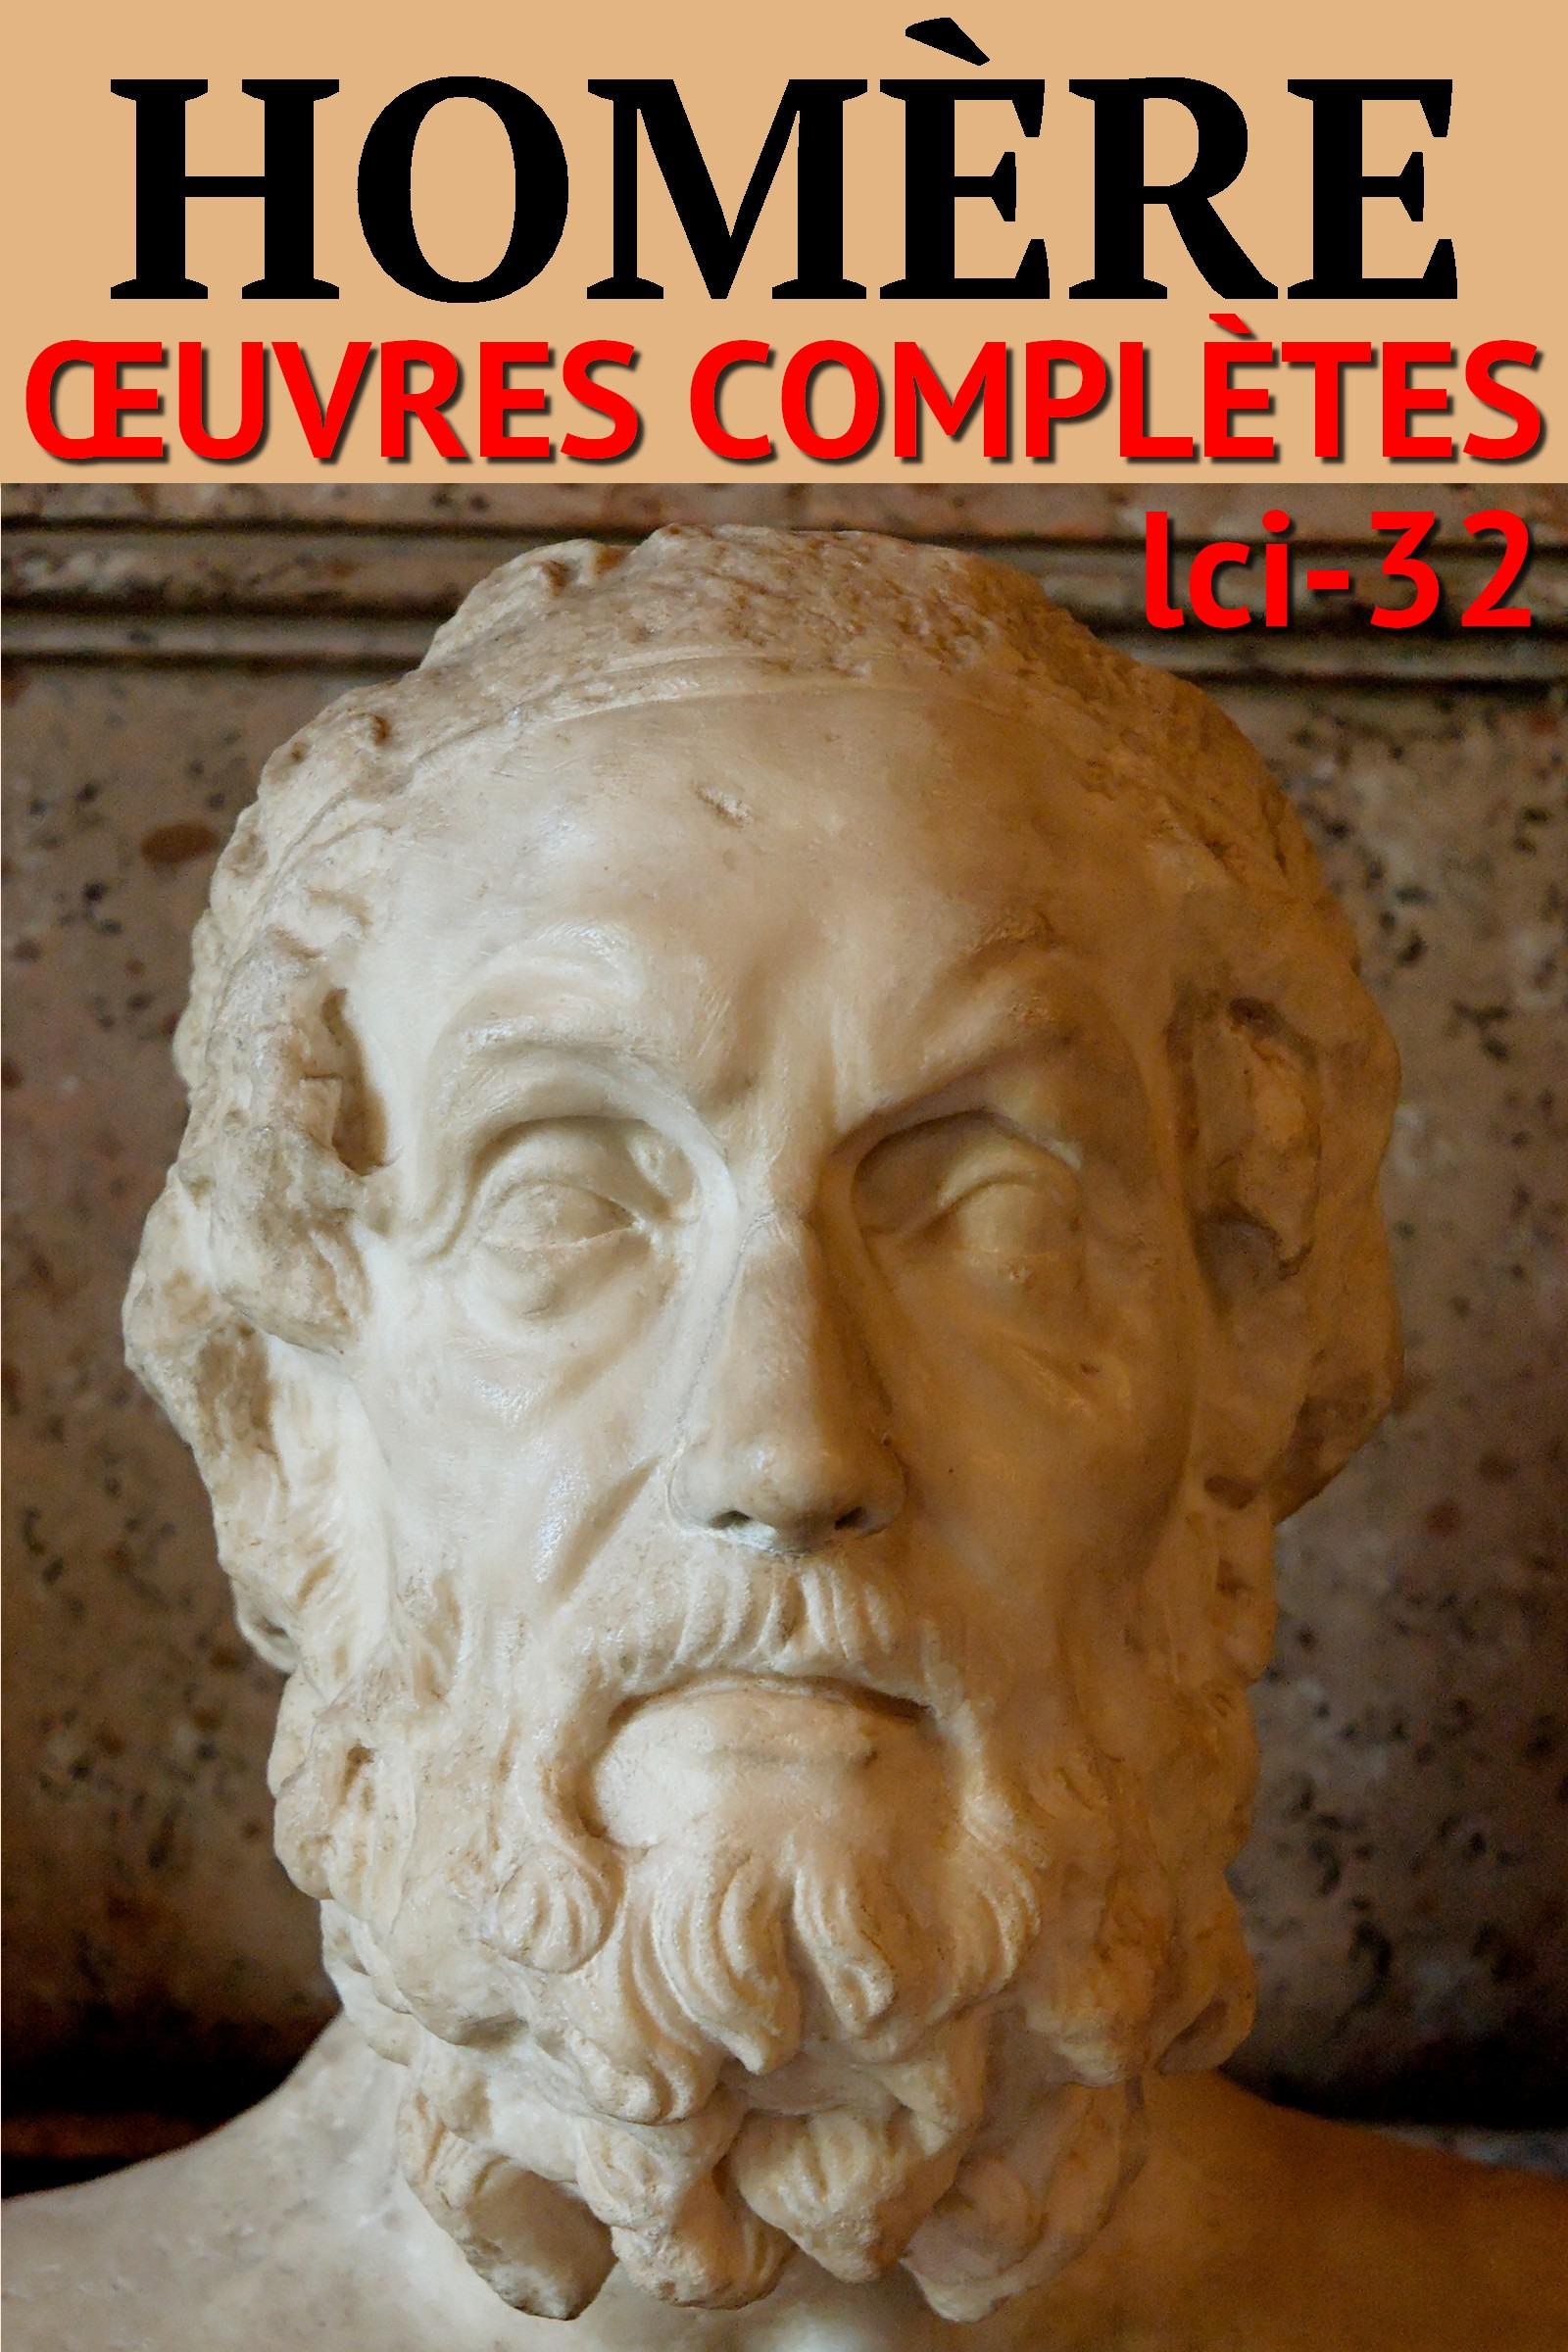 Homère - Oeuvres Complètes en vers et en prose